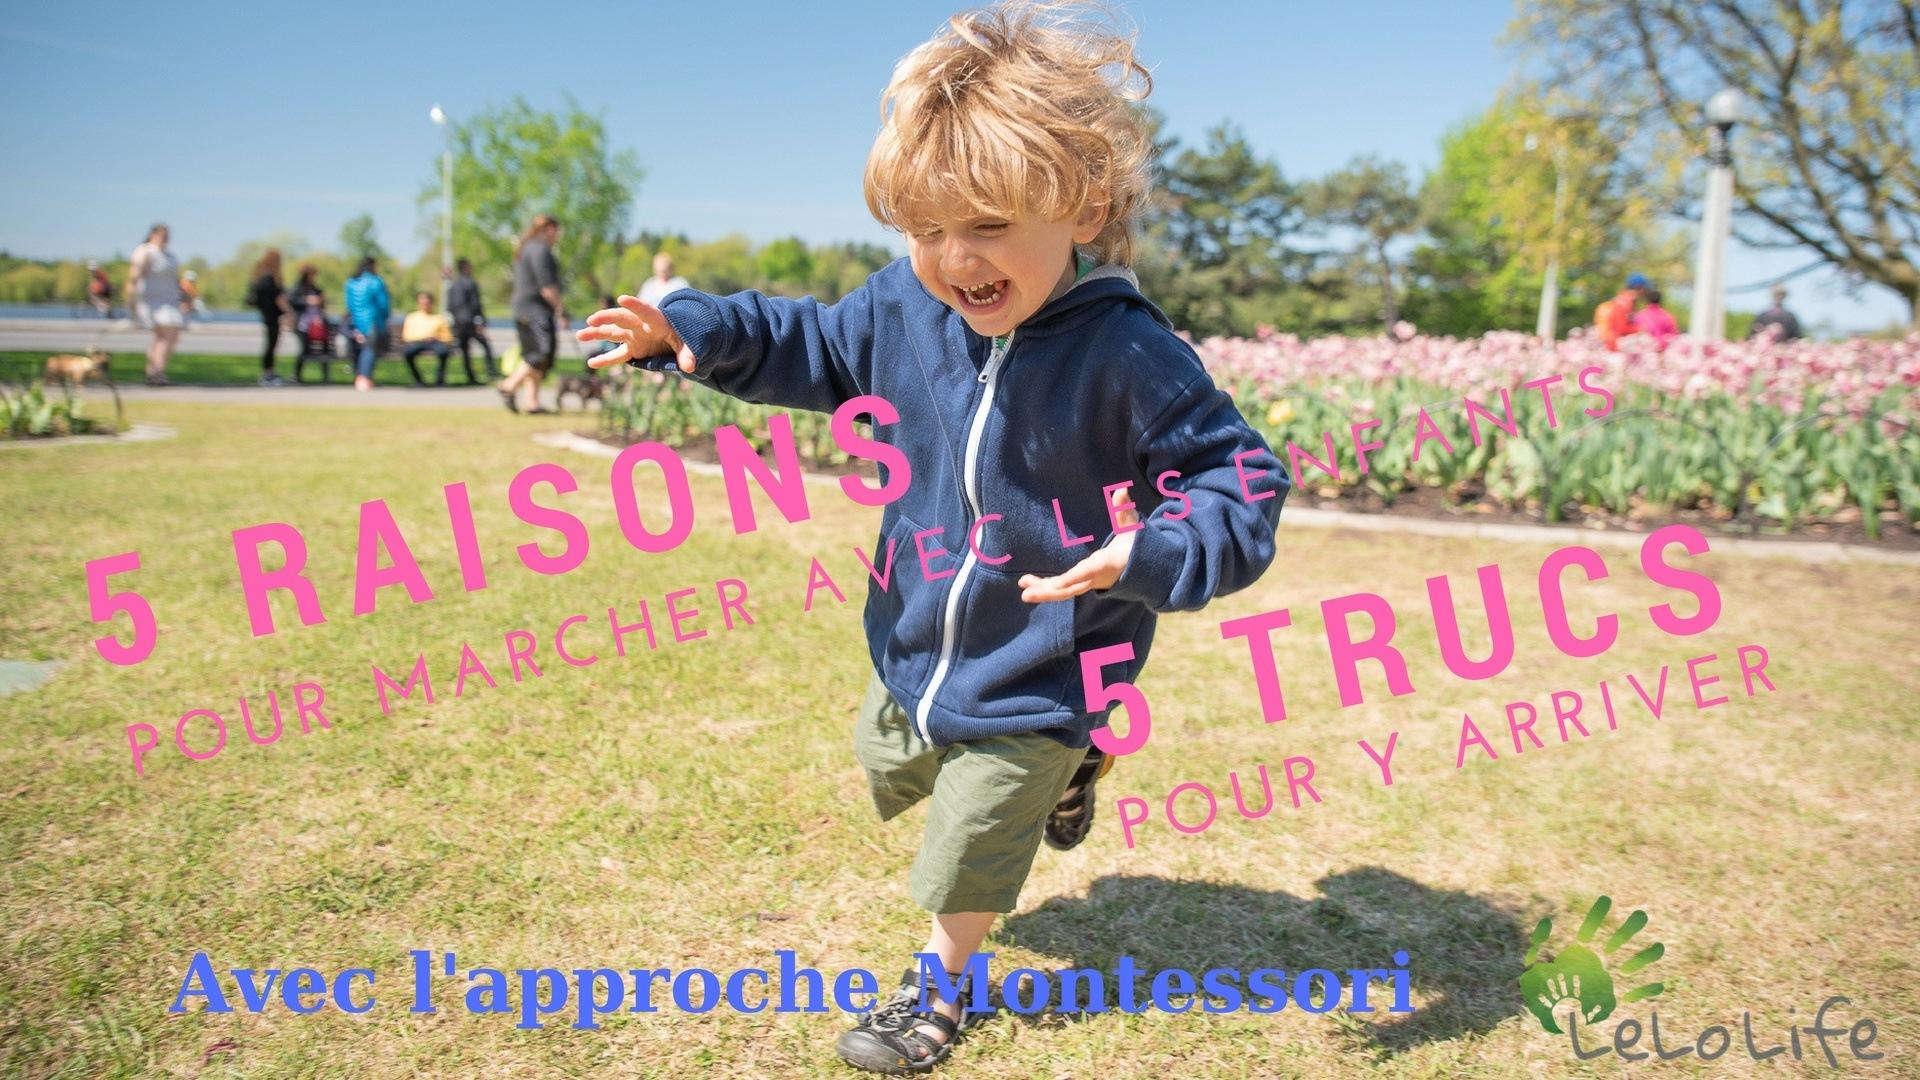 LeLoLife - Article sur la marche et les enfants - 5 raisons et 5 trucs